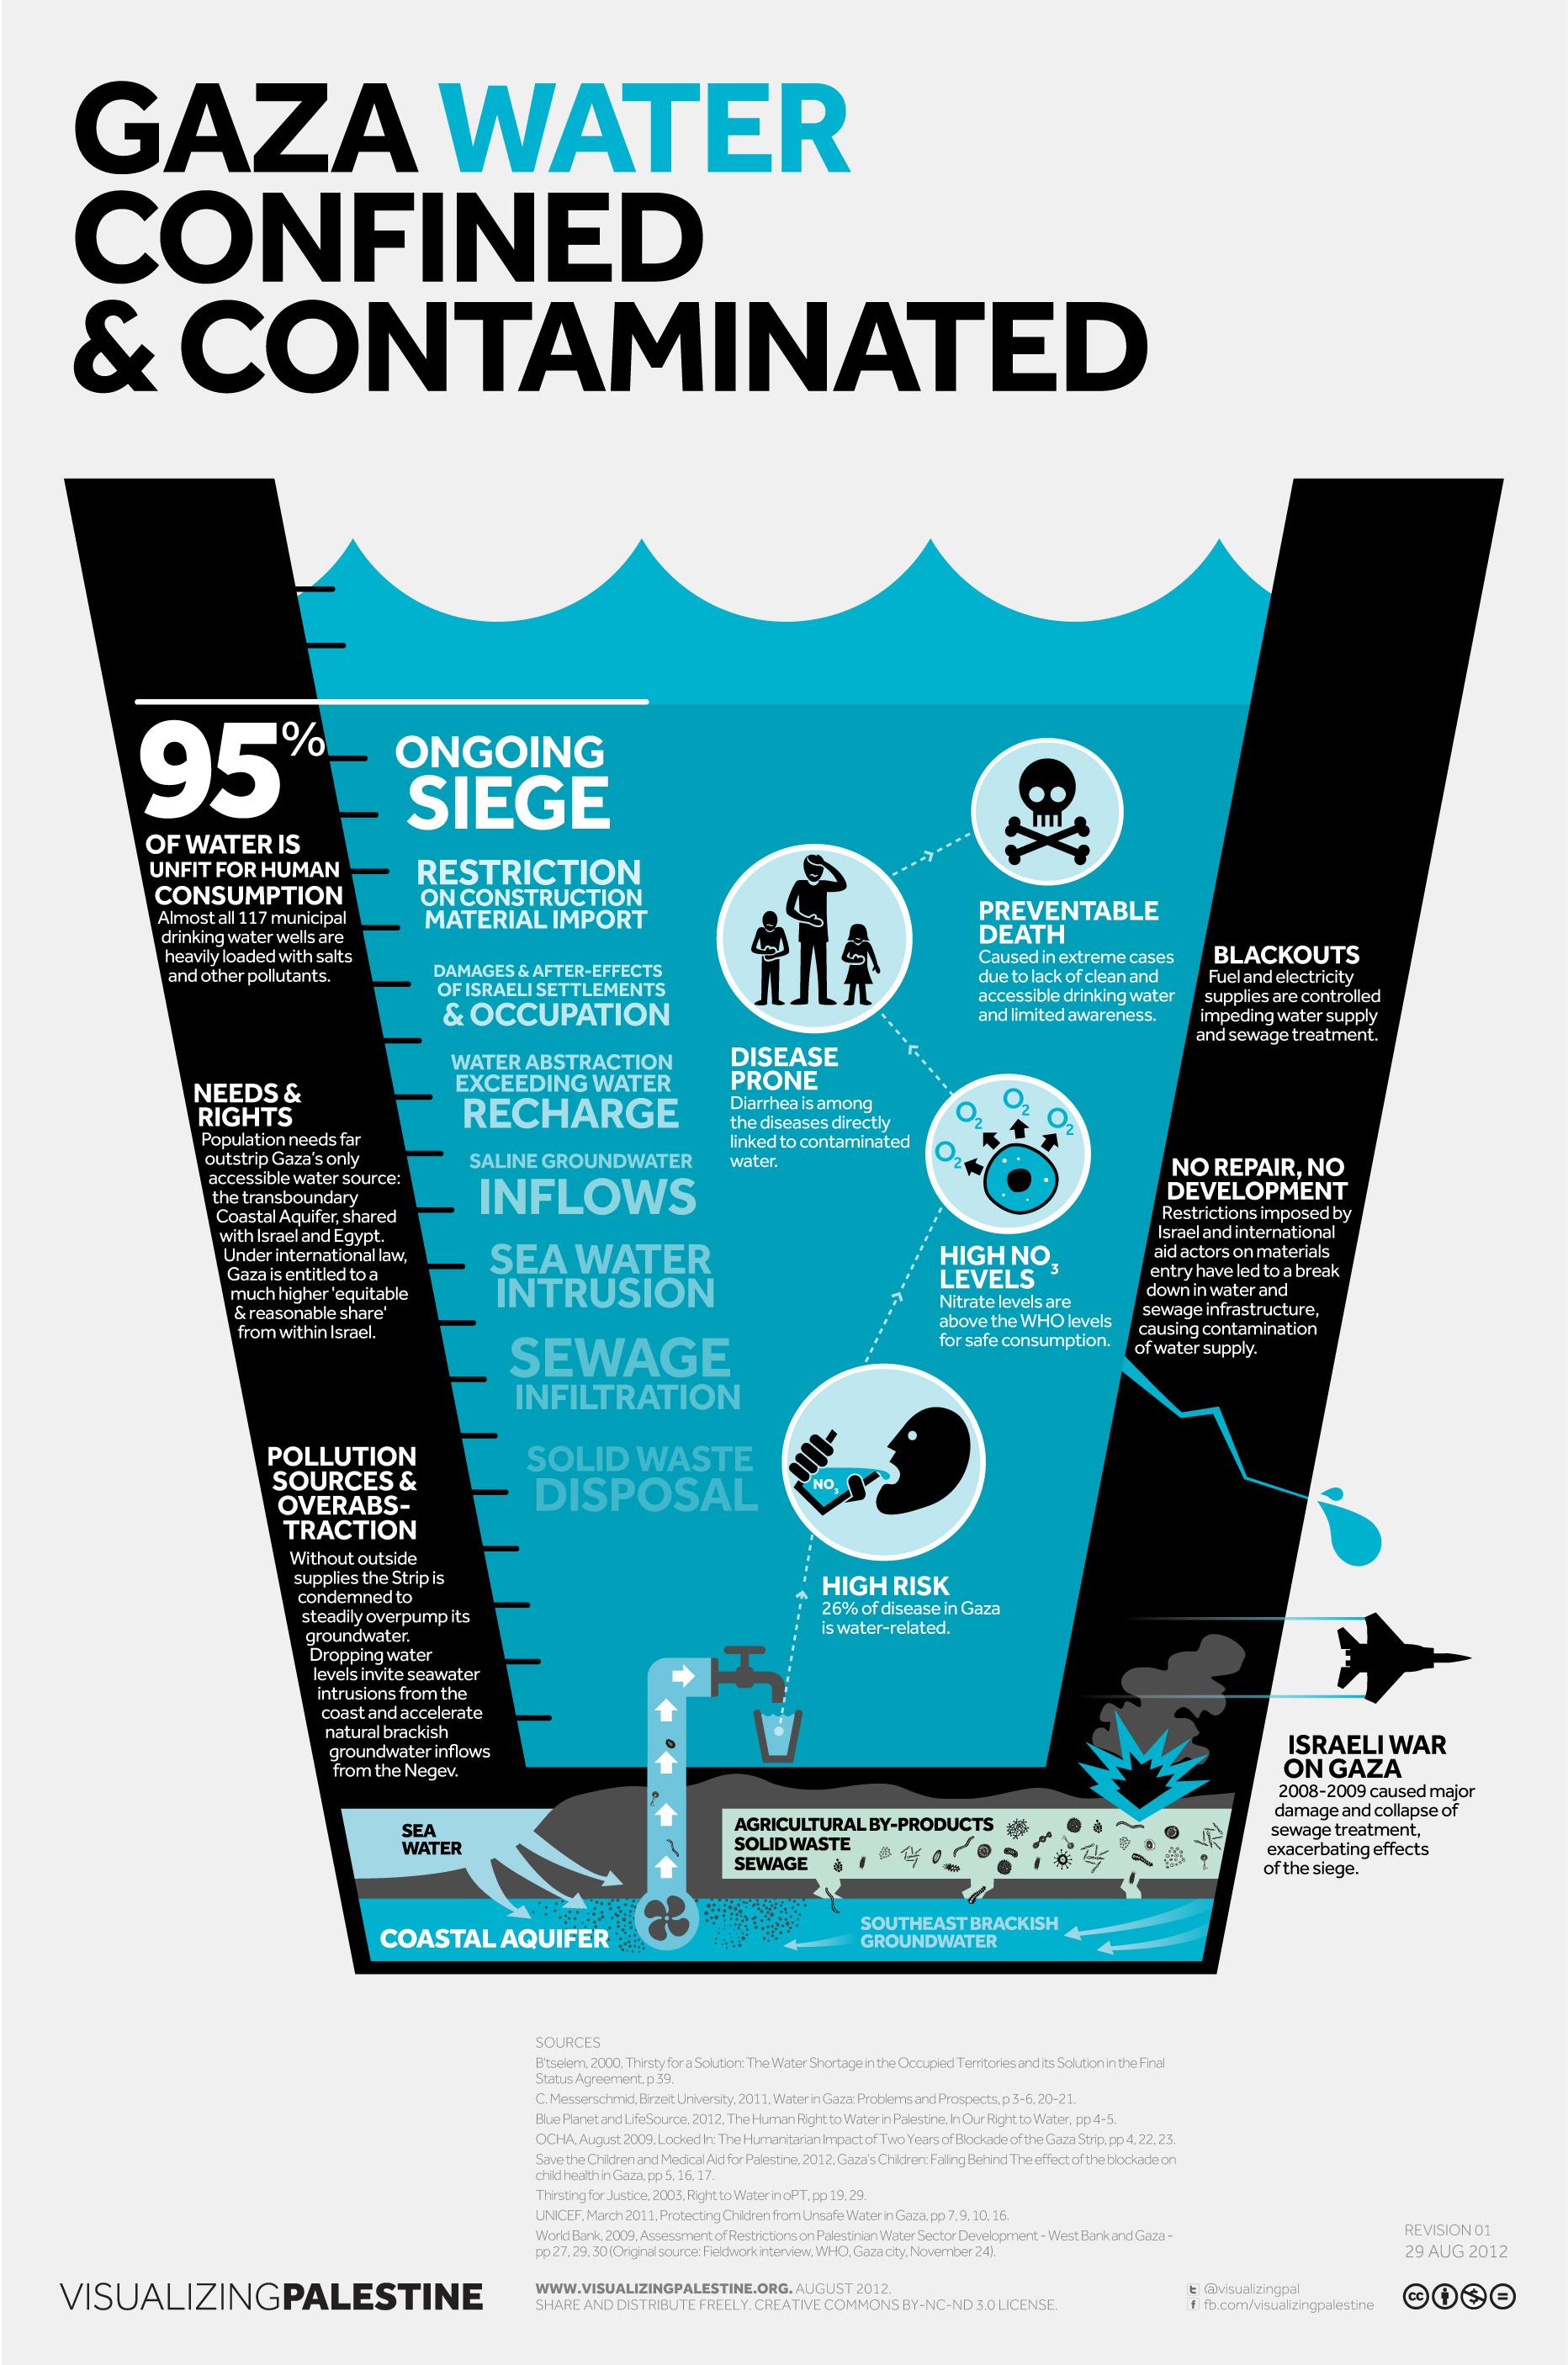 El Watergate Israel 237 Los Hechos Sobre El Agua En Palestina